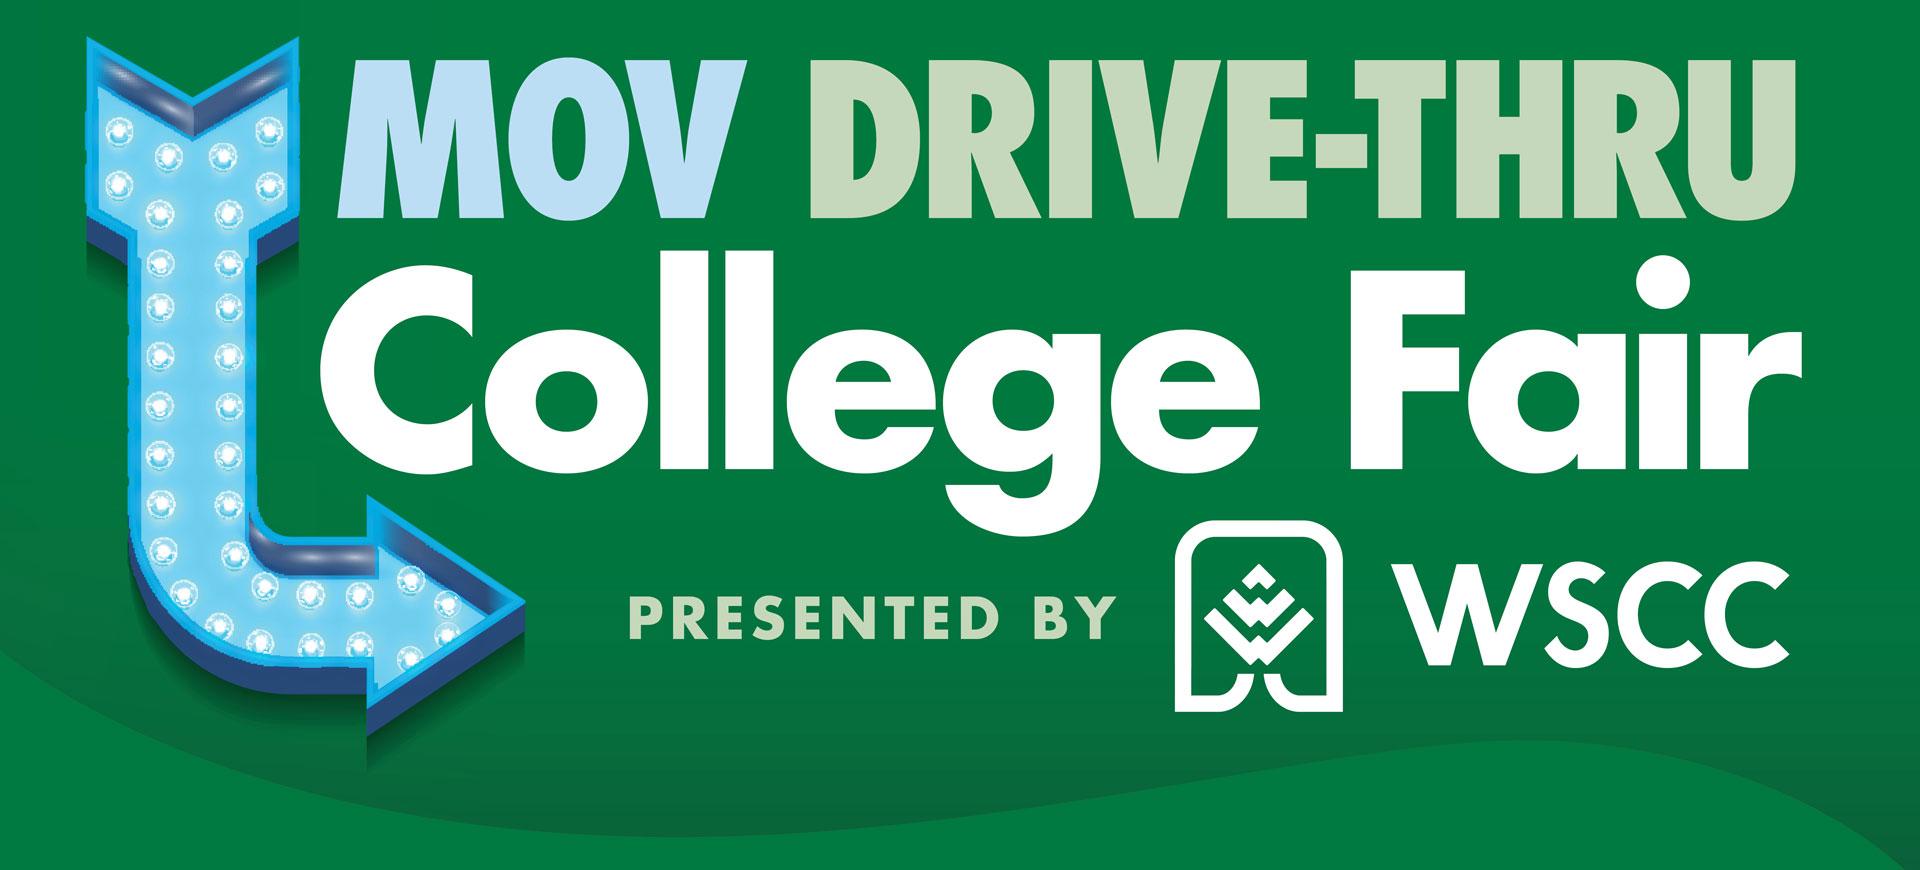 MOV Drive Thru College Fair